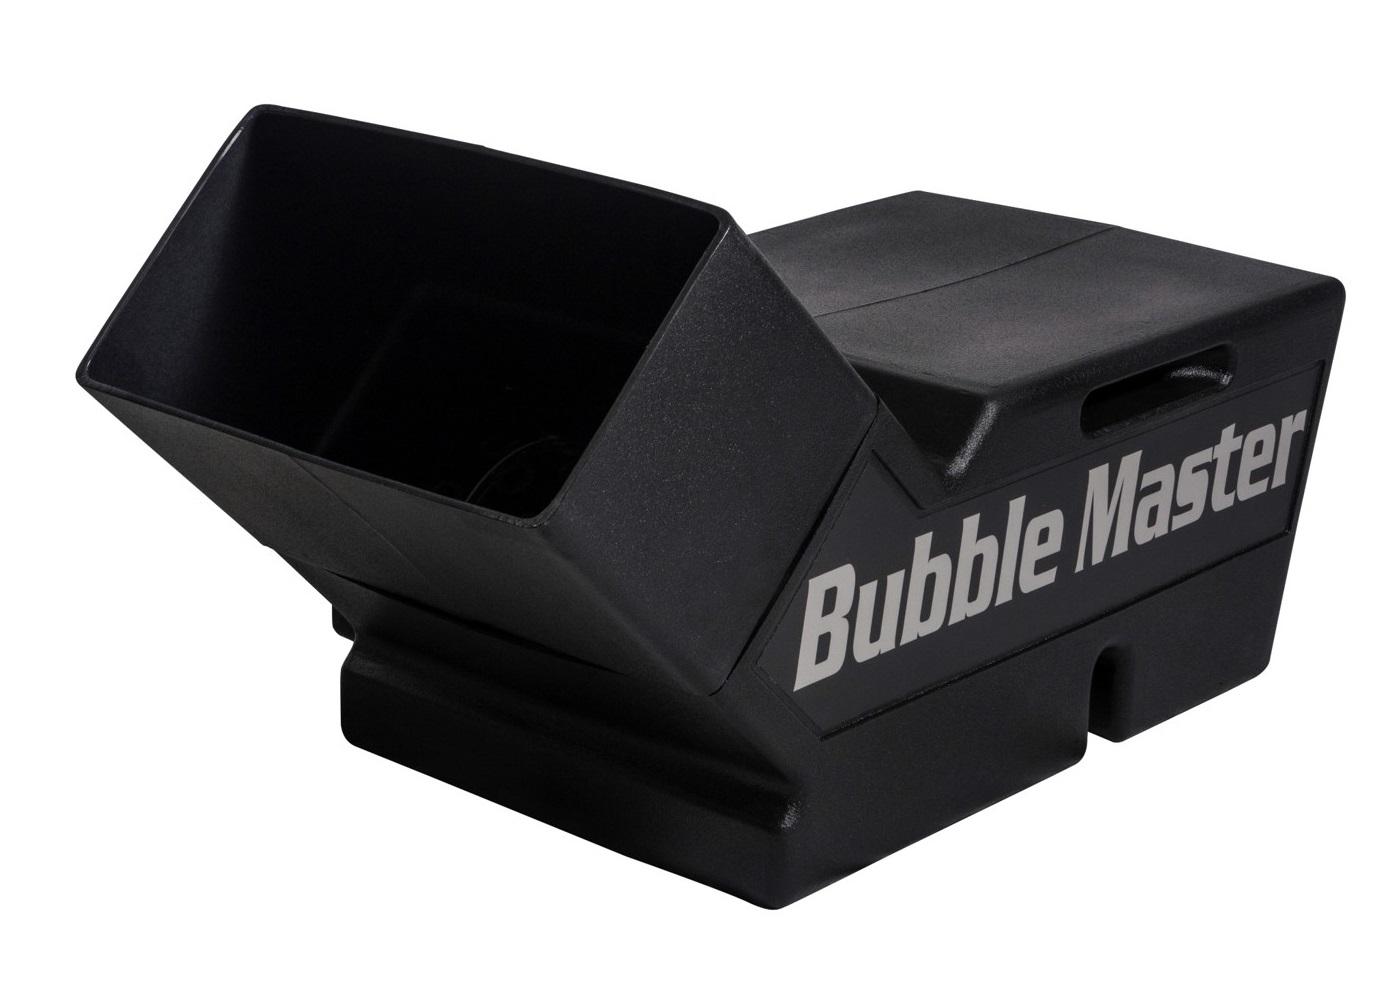 ultratec-bubble-master-clb-2012.jpeg